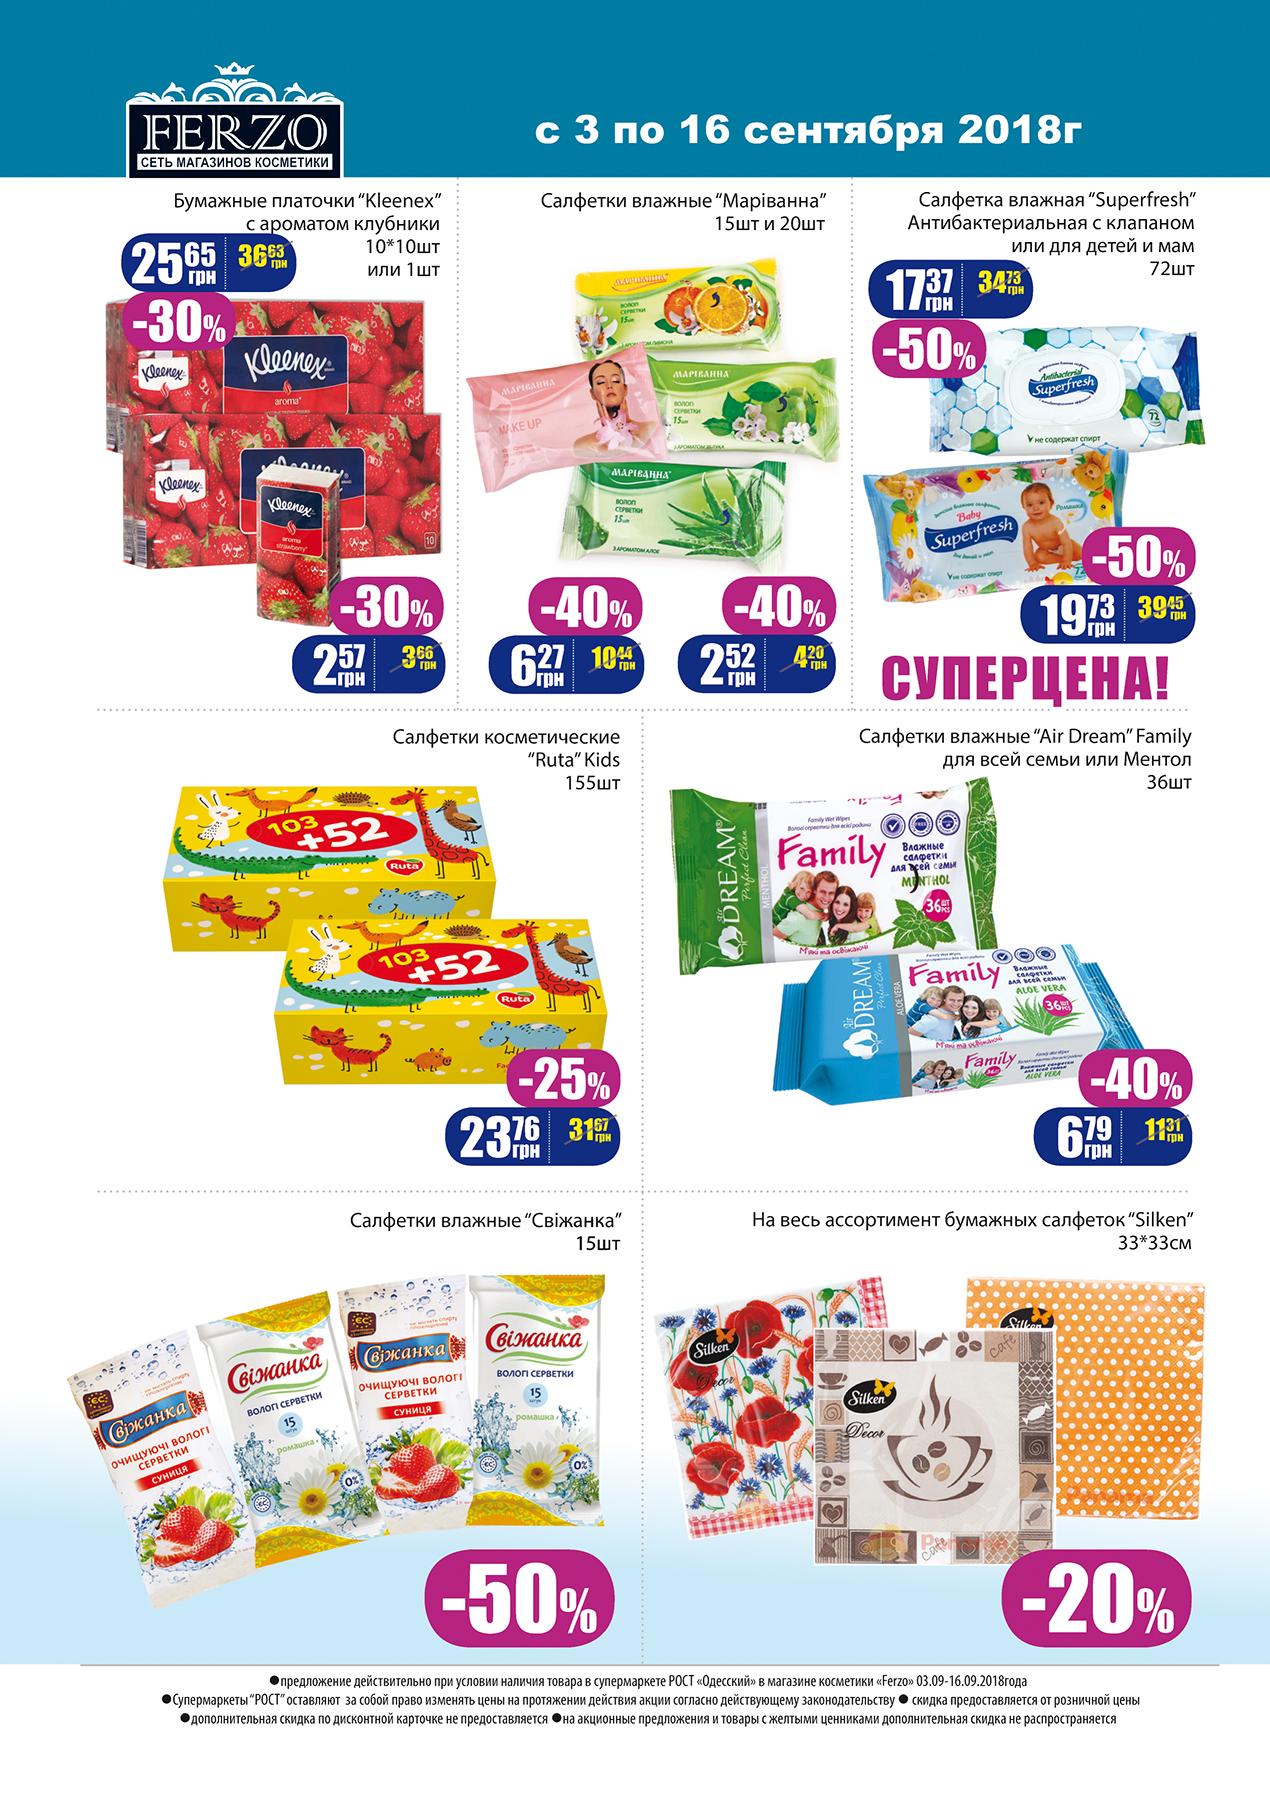 bytovaya_himiya_03-09-16-09_ferzo_print_page8